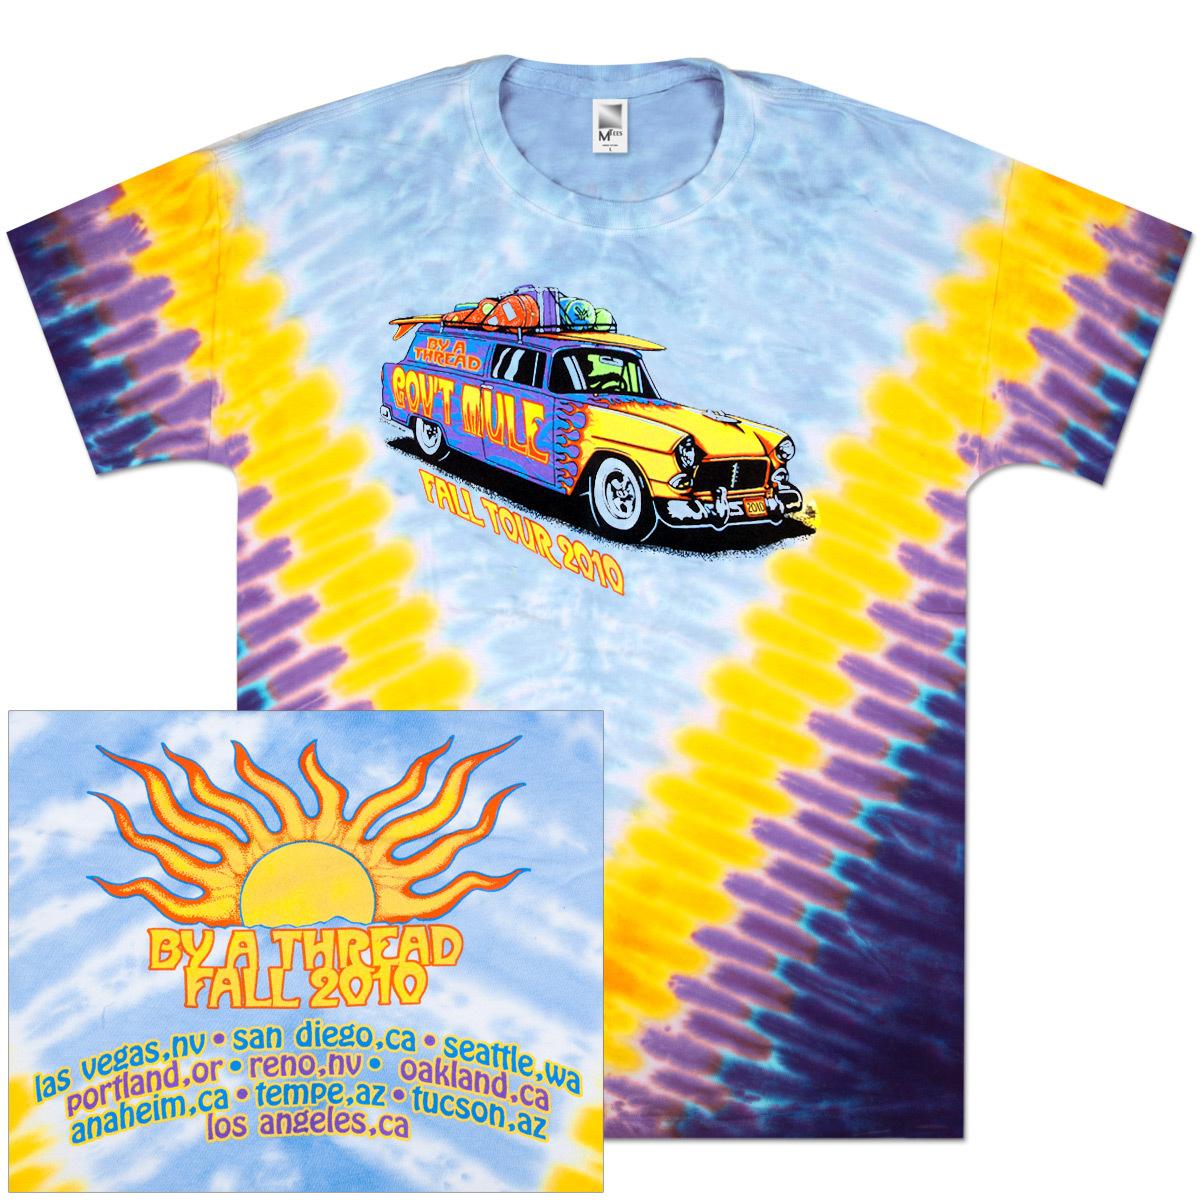 Gov't Mule 2010 Fall Tour Tie-Dye